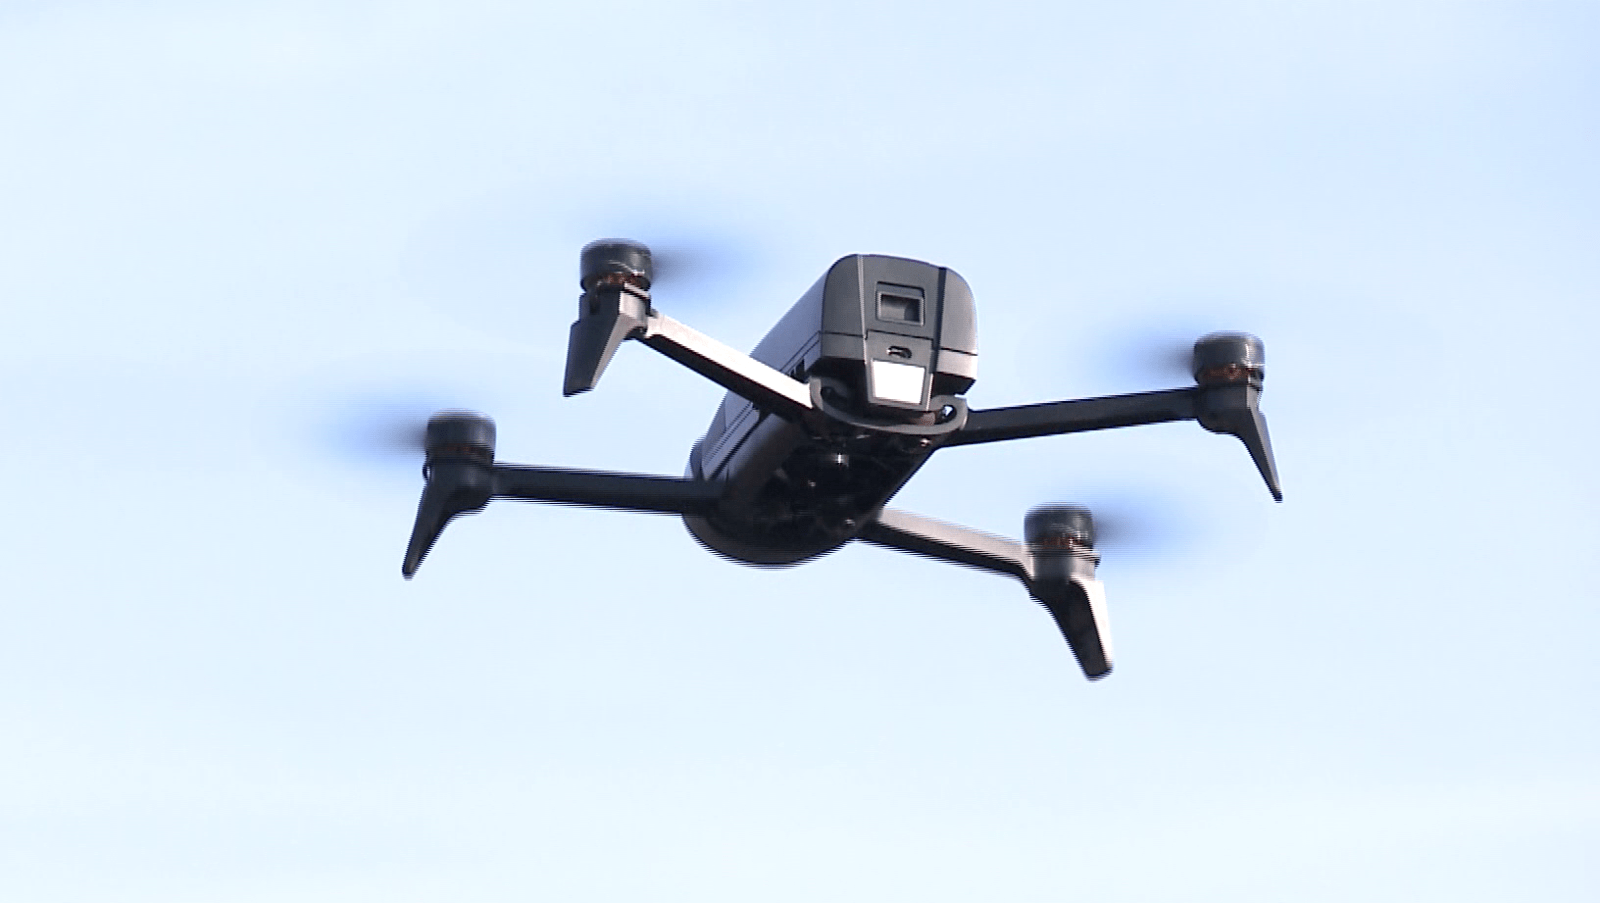 Nowe baterie dla dronów można naładować w pięć minut. Mogą zrewolucjonizować komercyjne wykorzystanie tych latających pojazdów